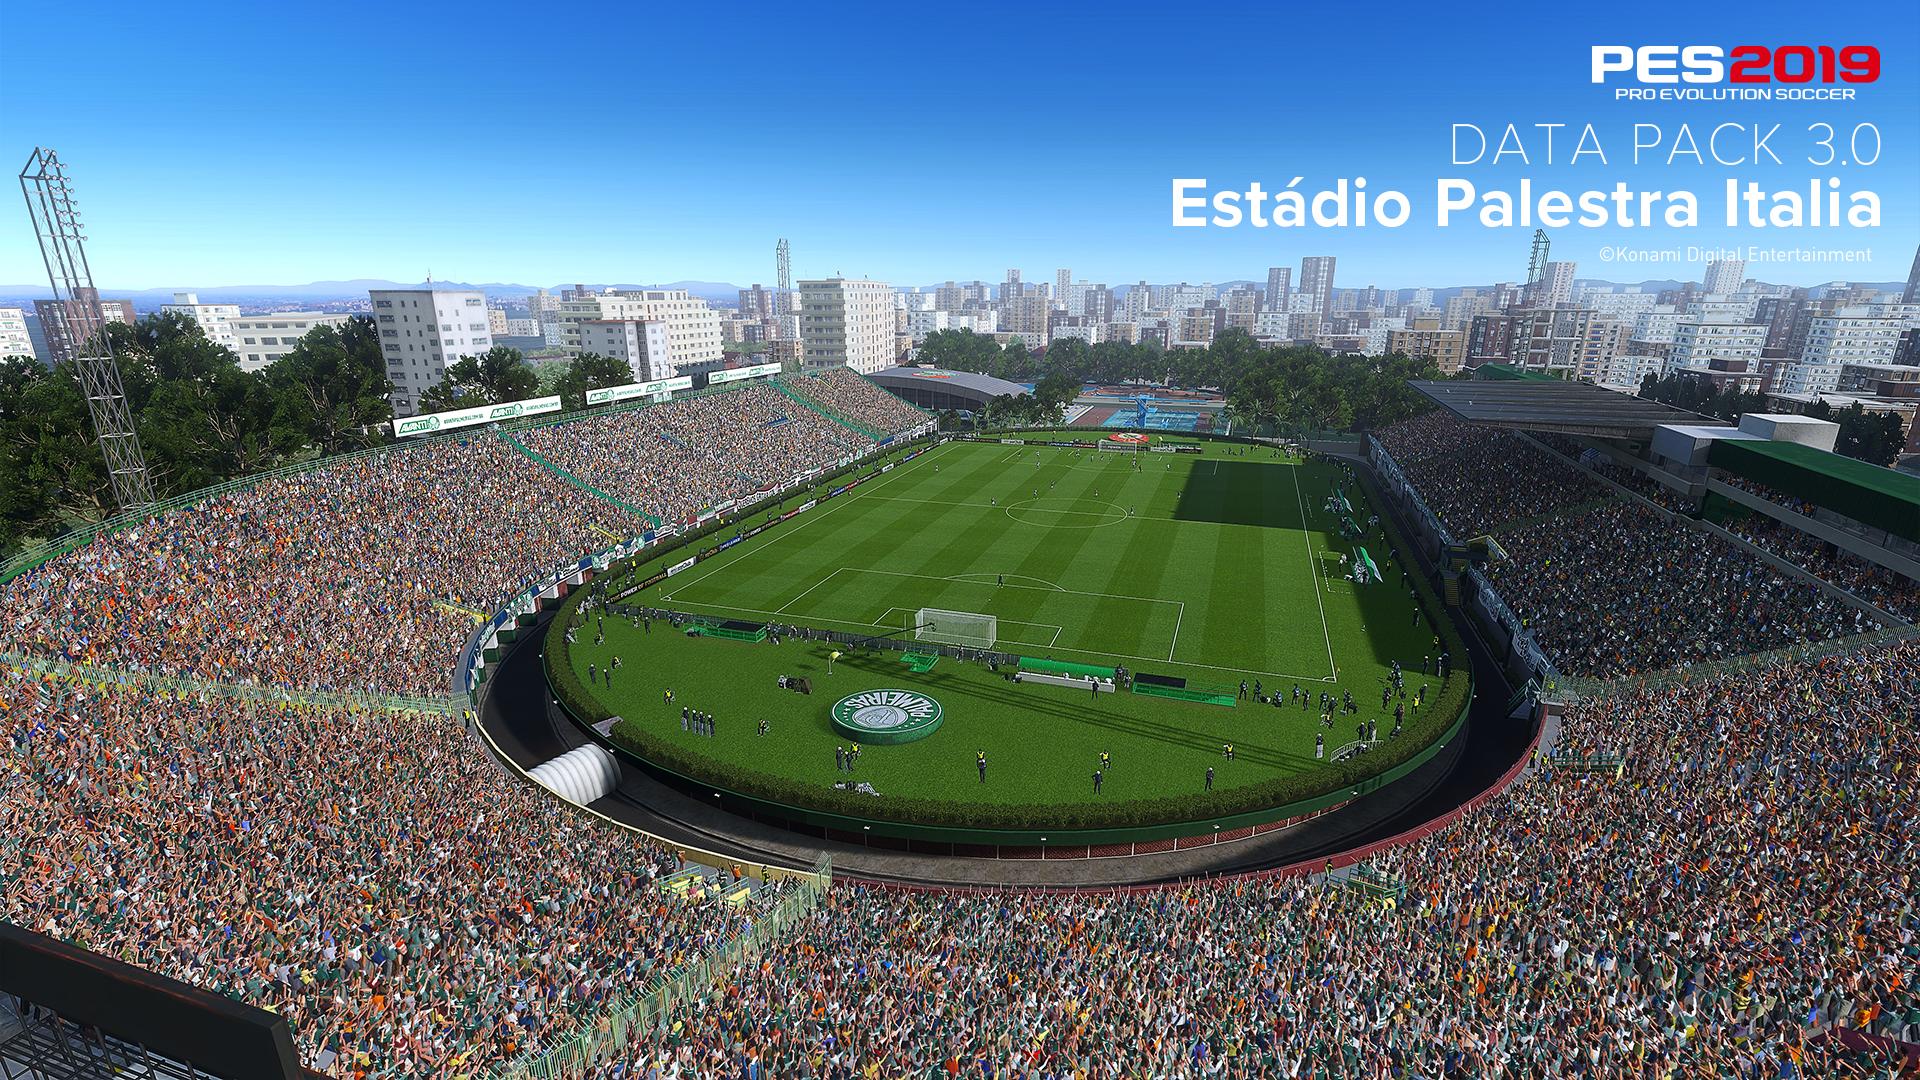 PES 2019 Estadio Palestra Italia